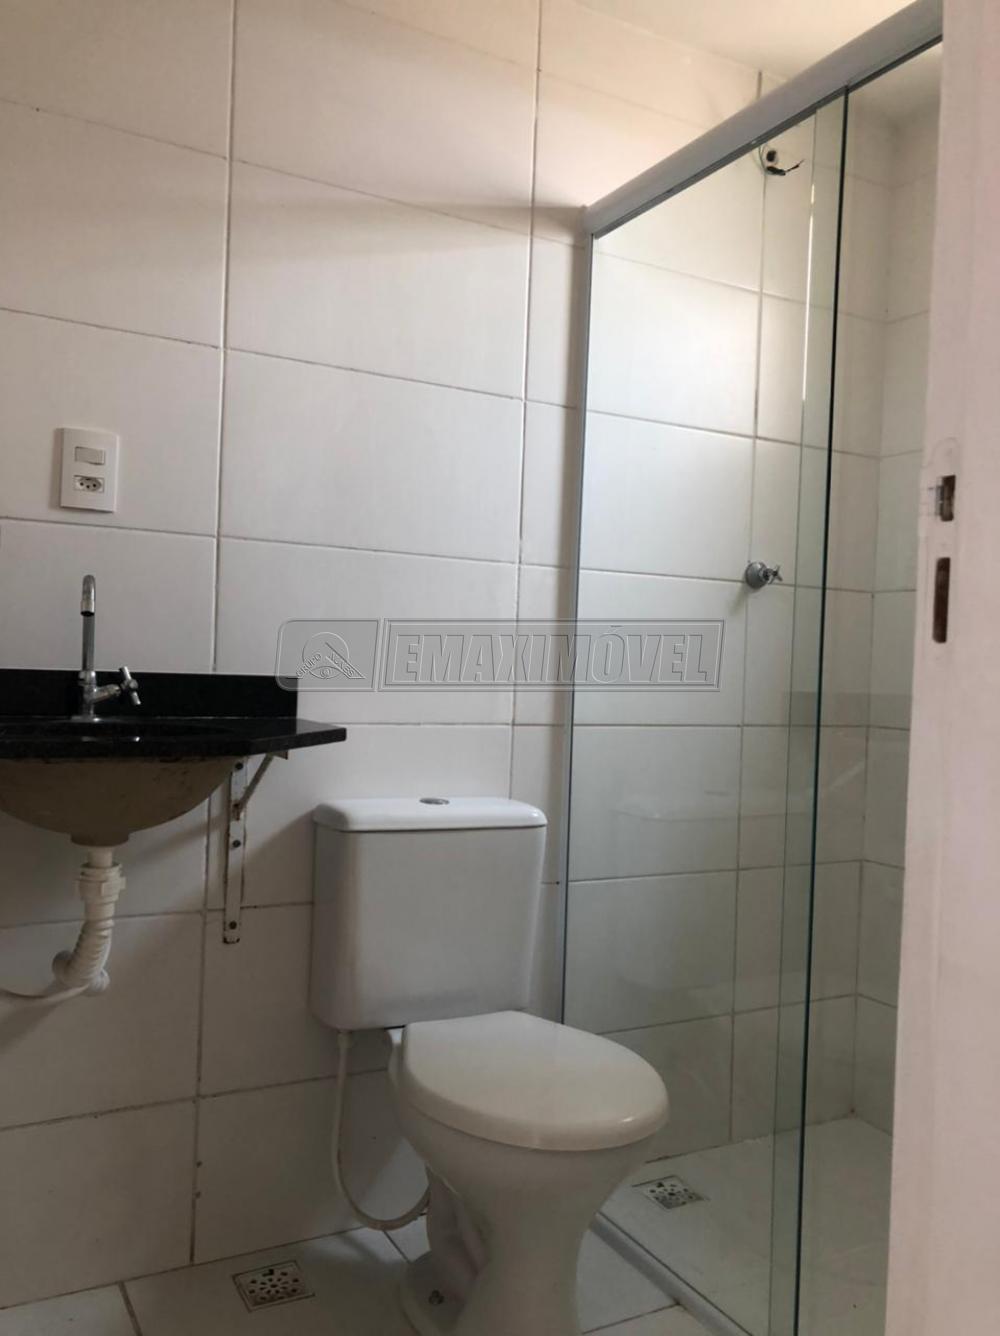 Comprar Apartamento / Padrão em Votorantim R$ 360.000,00 - Foto 8